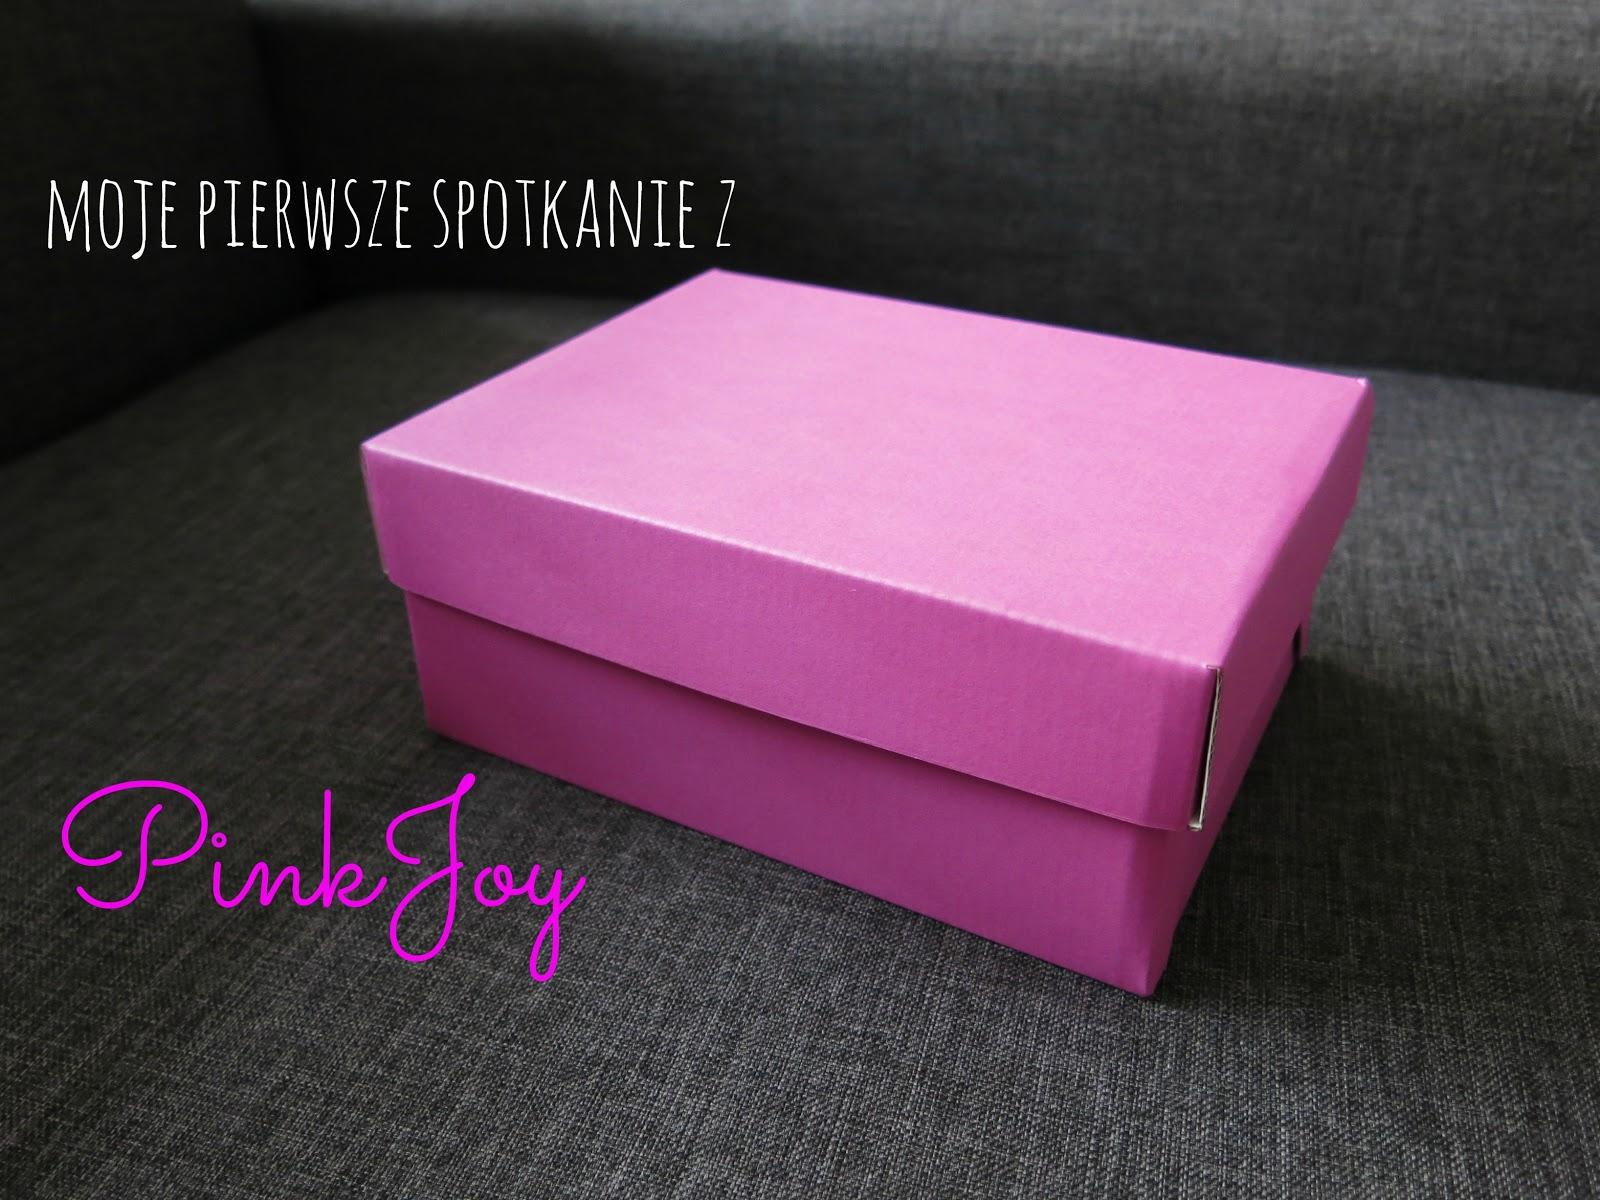 PinkJoy - moje pierwsze zamówione pudełko z kosmetykami .